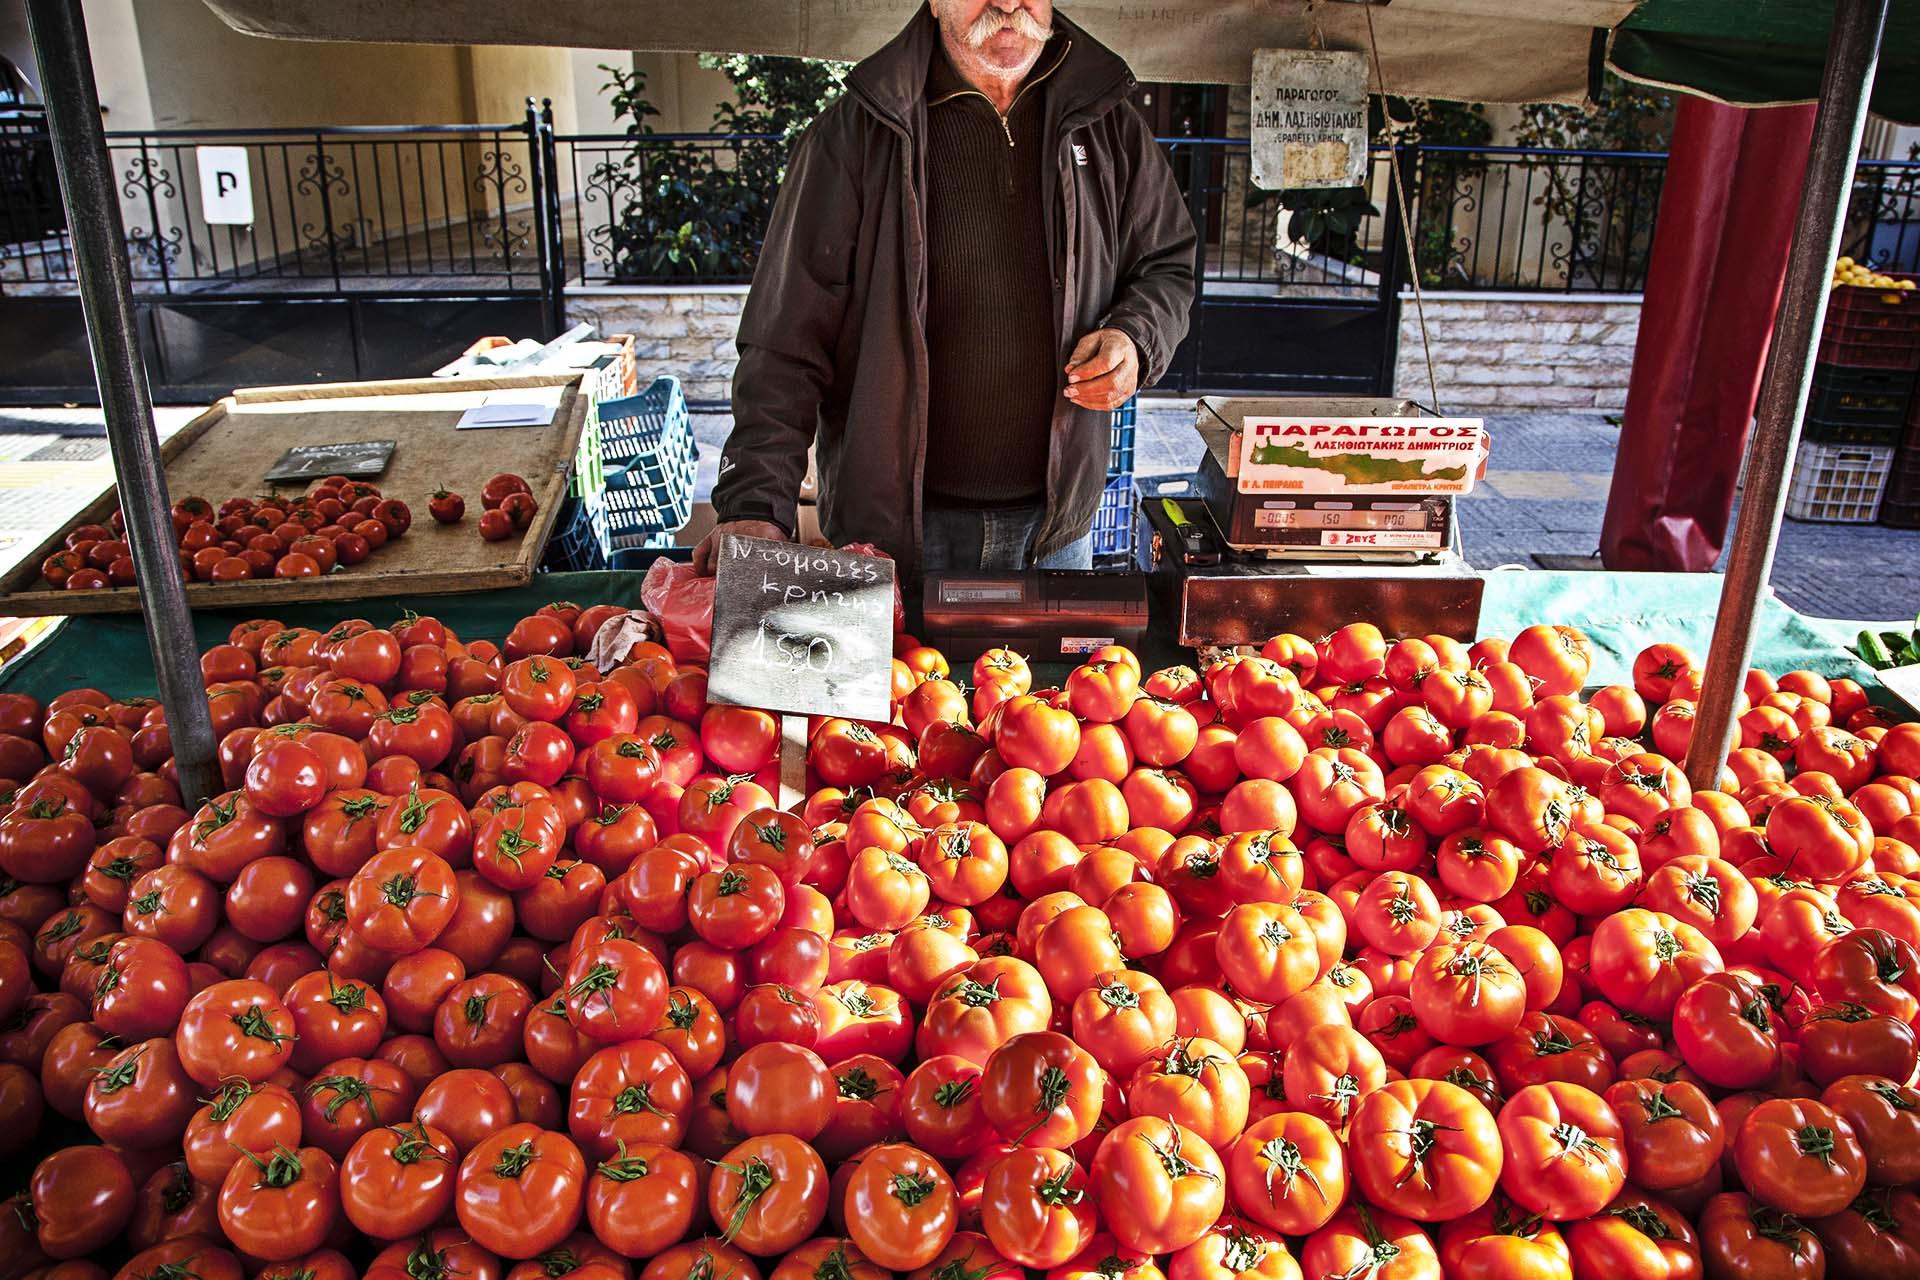 Los agricultores se han visto afectados por la crisis y por el embargo ruso